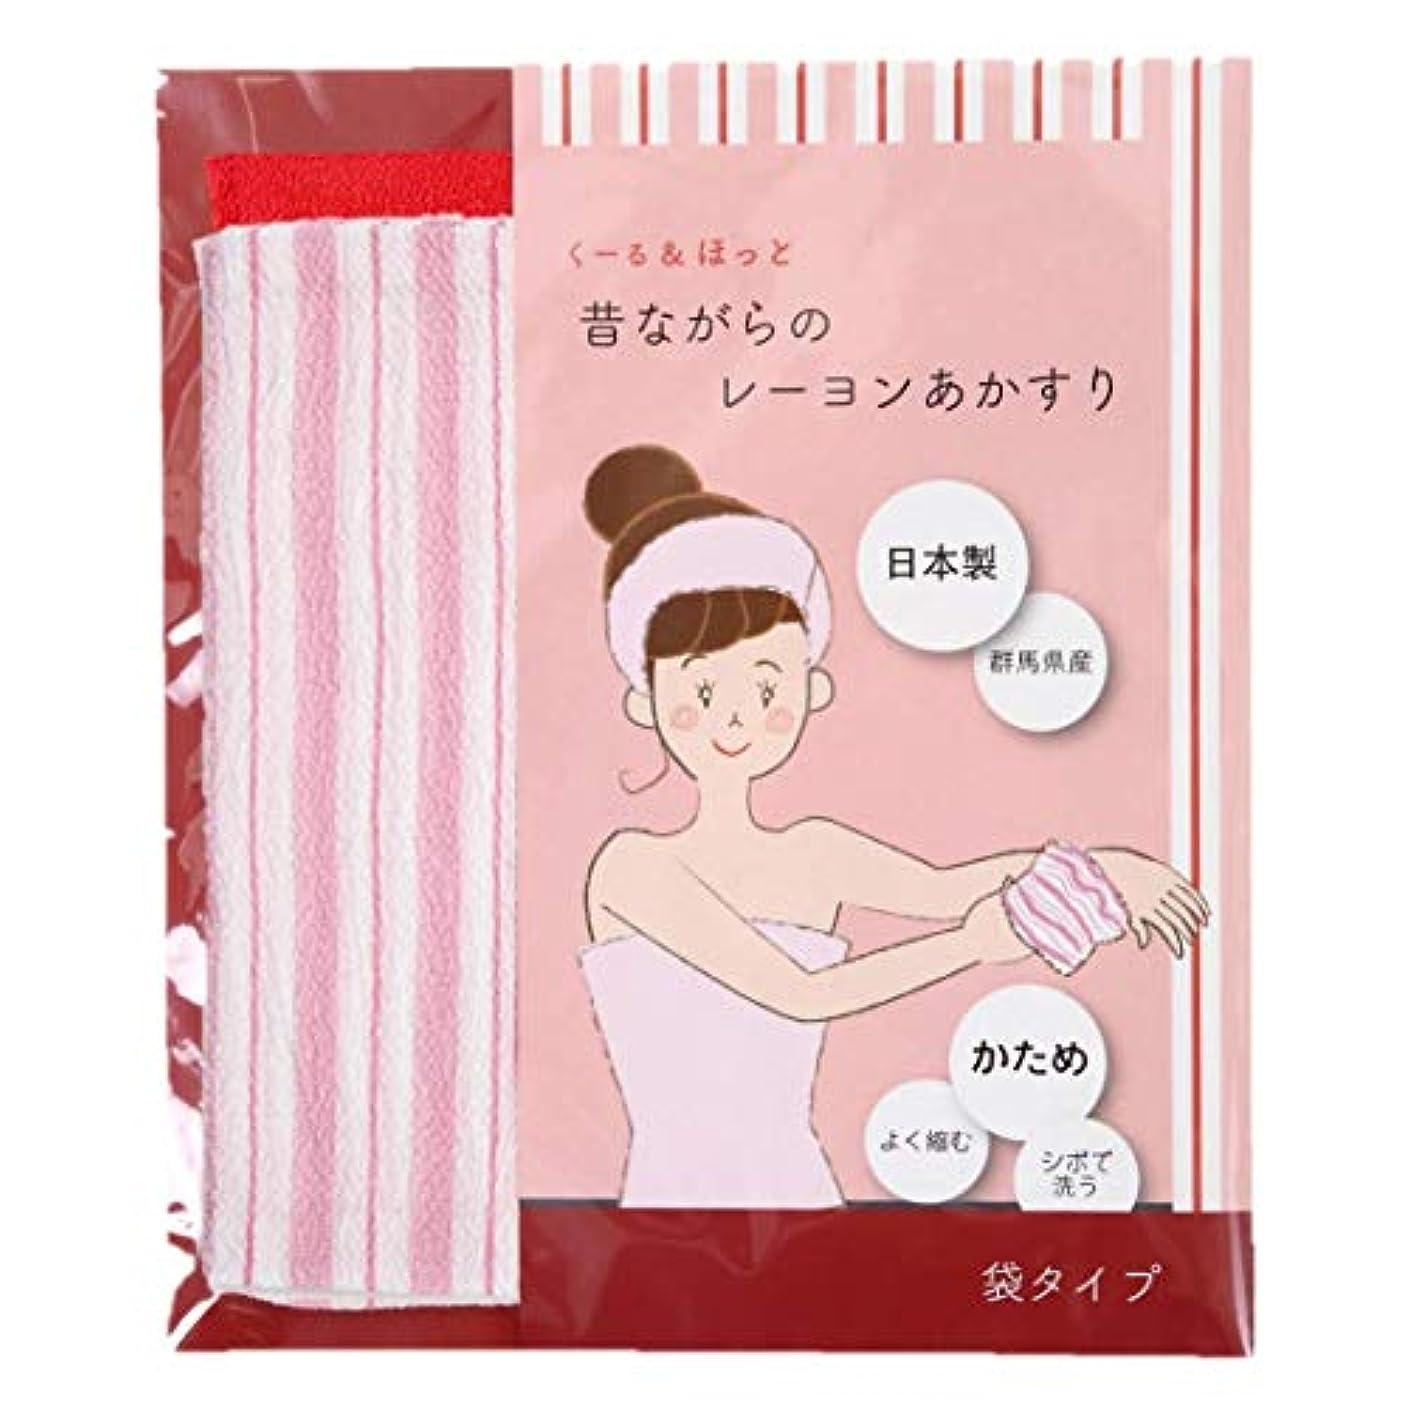 勇気ラフ睡眠歯科医くーる&ほっと 昔ながらのレーヨン袋あかすり 2枚セット(ピンクストライプ&赤) 日本製(群馬県で製造) お試し用2枚組